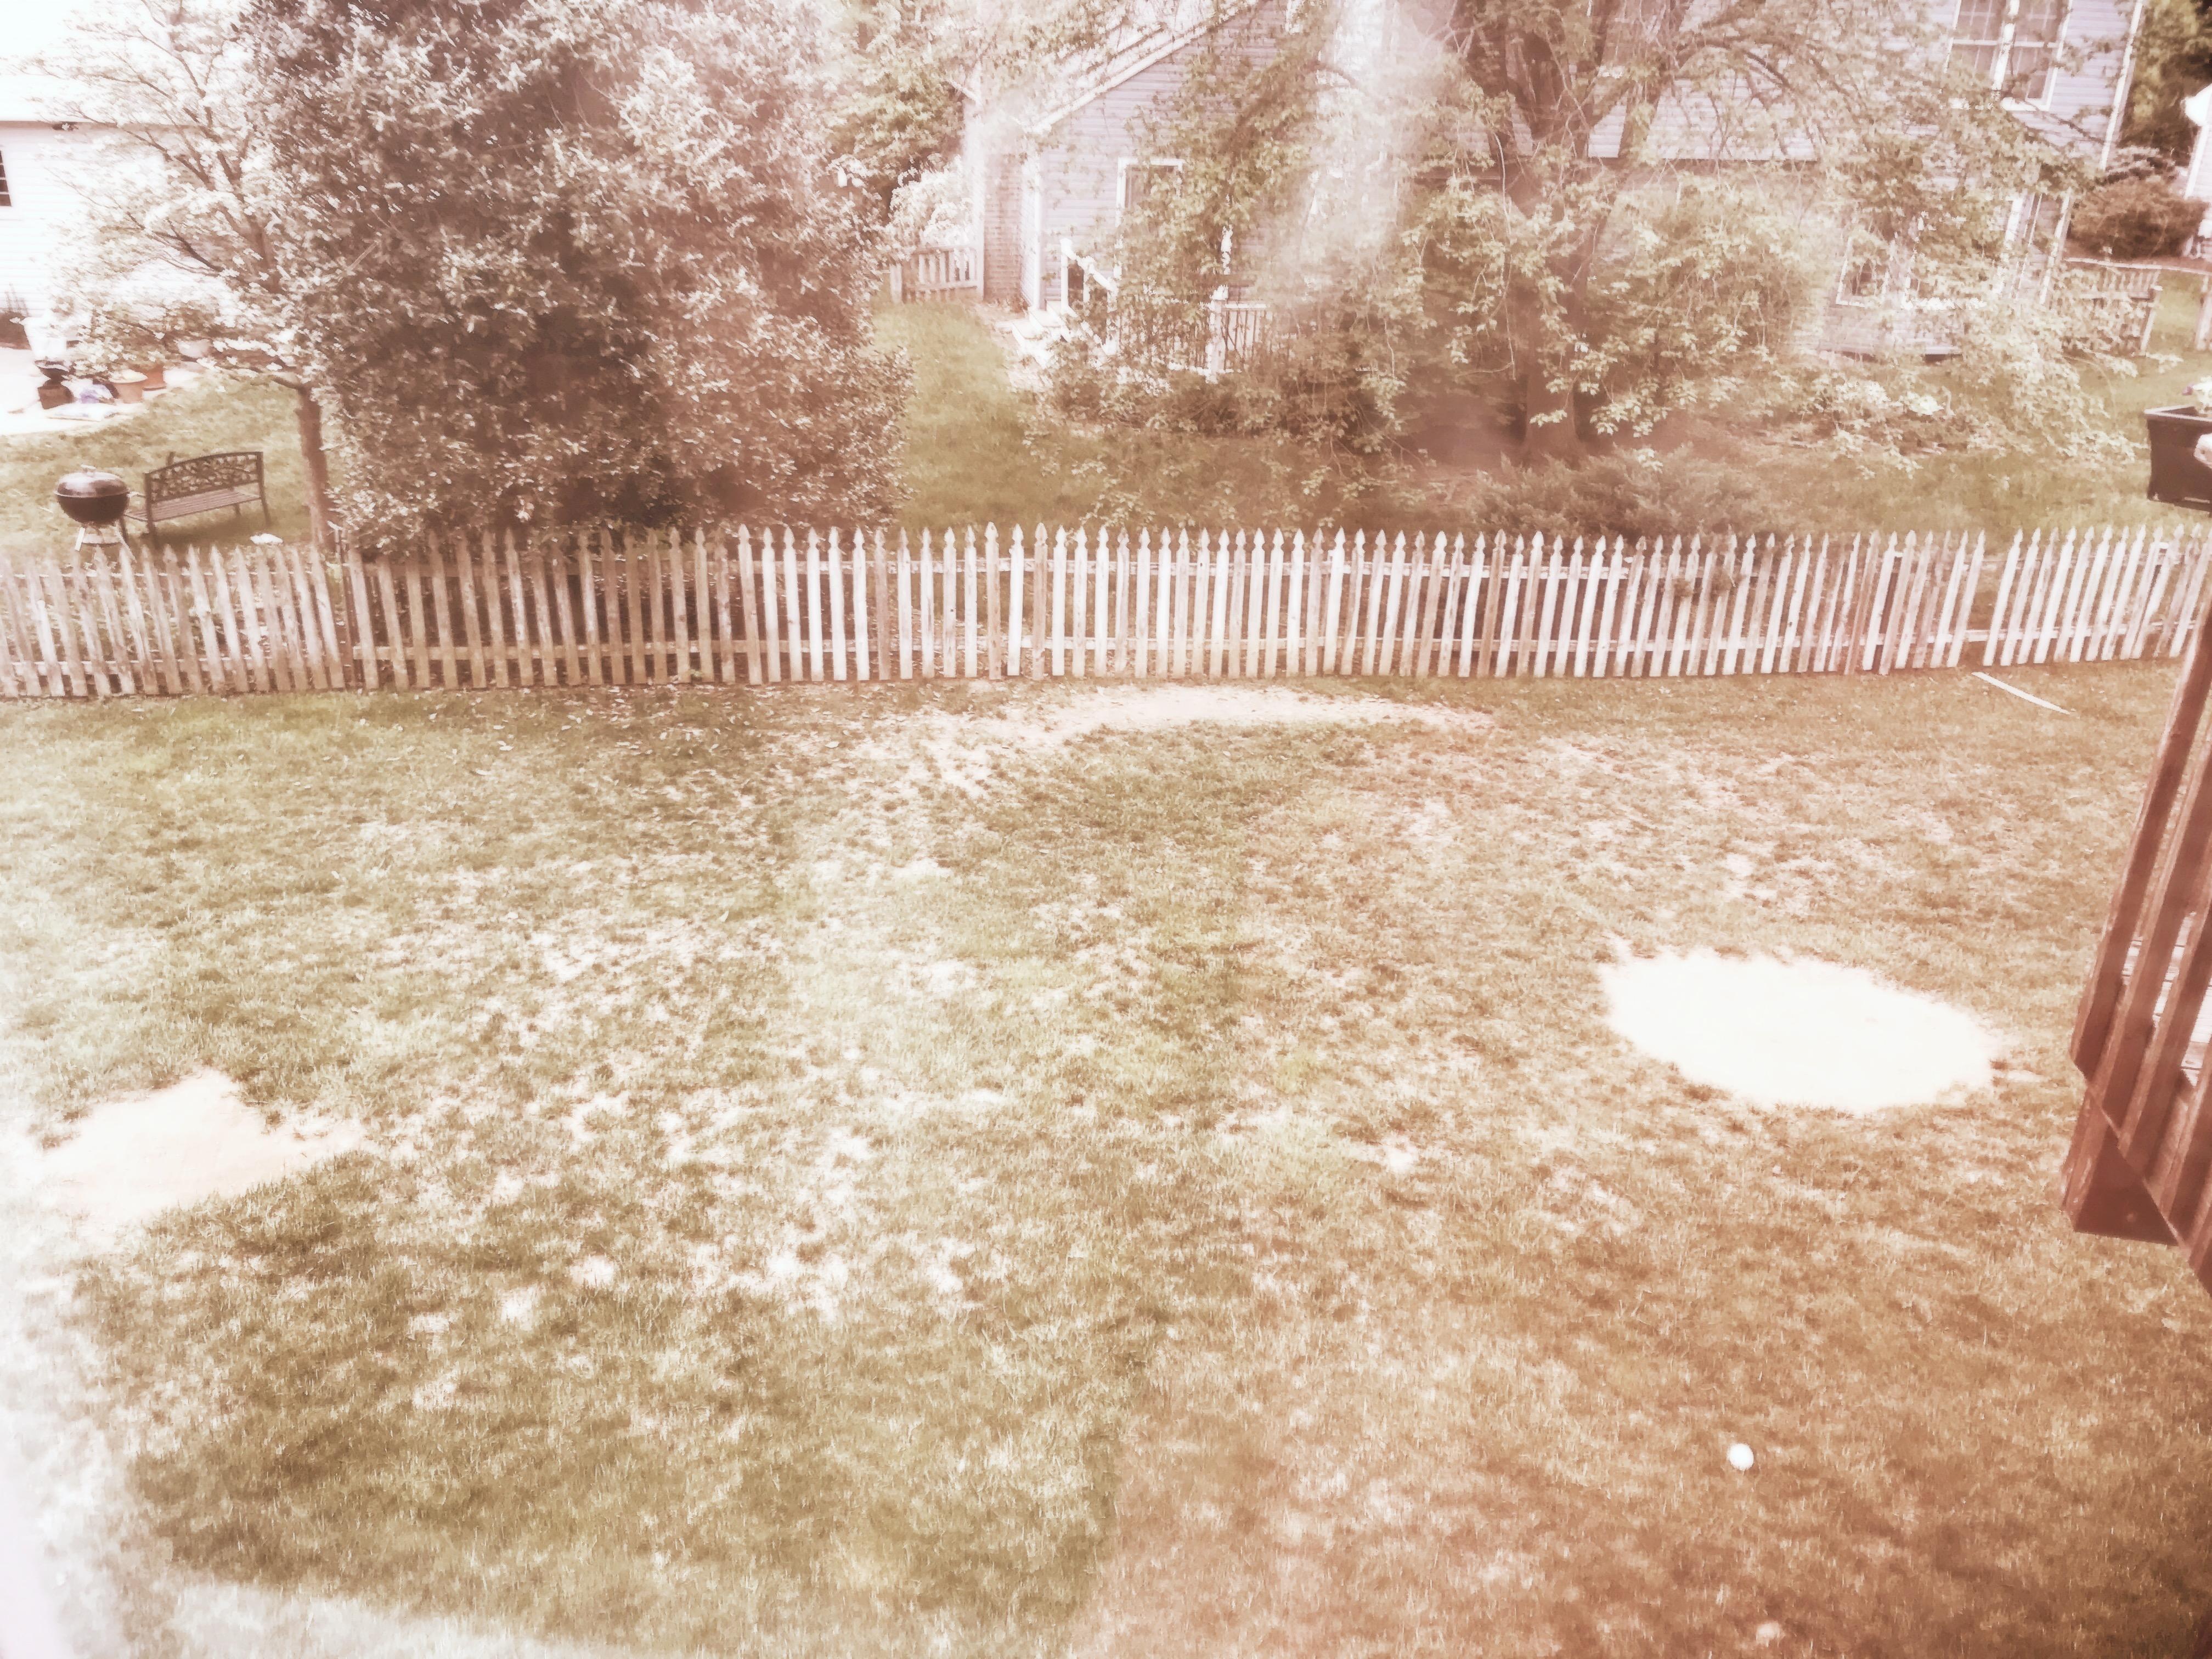 Backyard baseball lawn